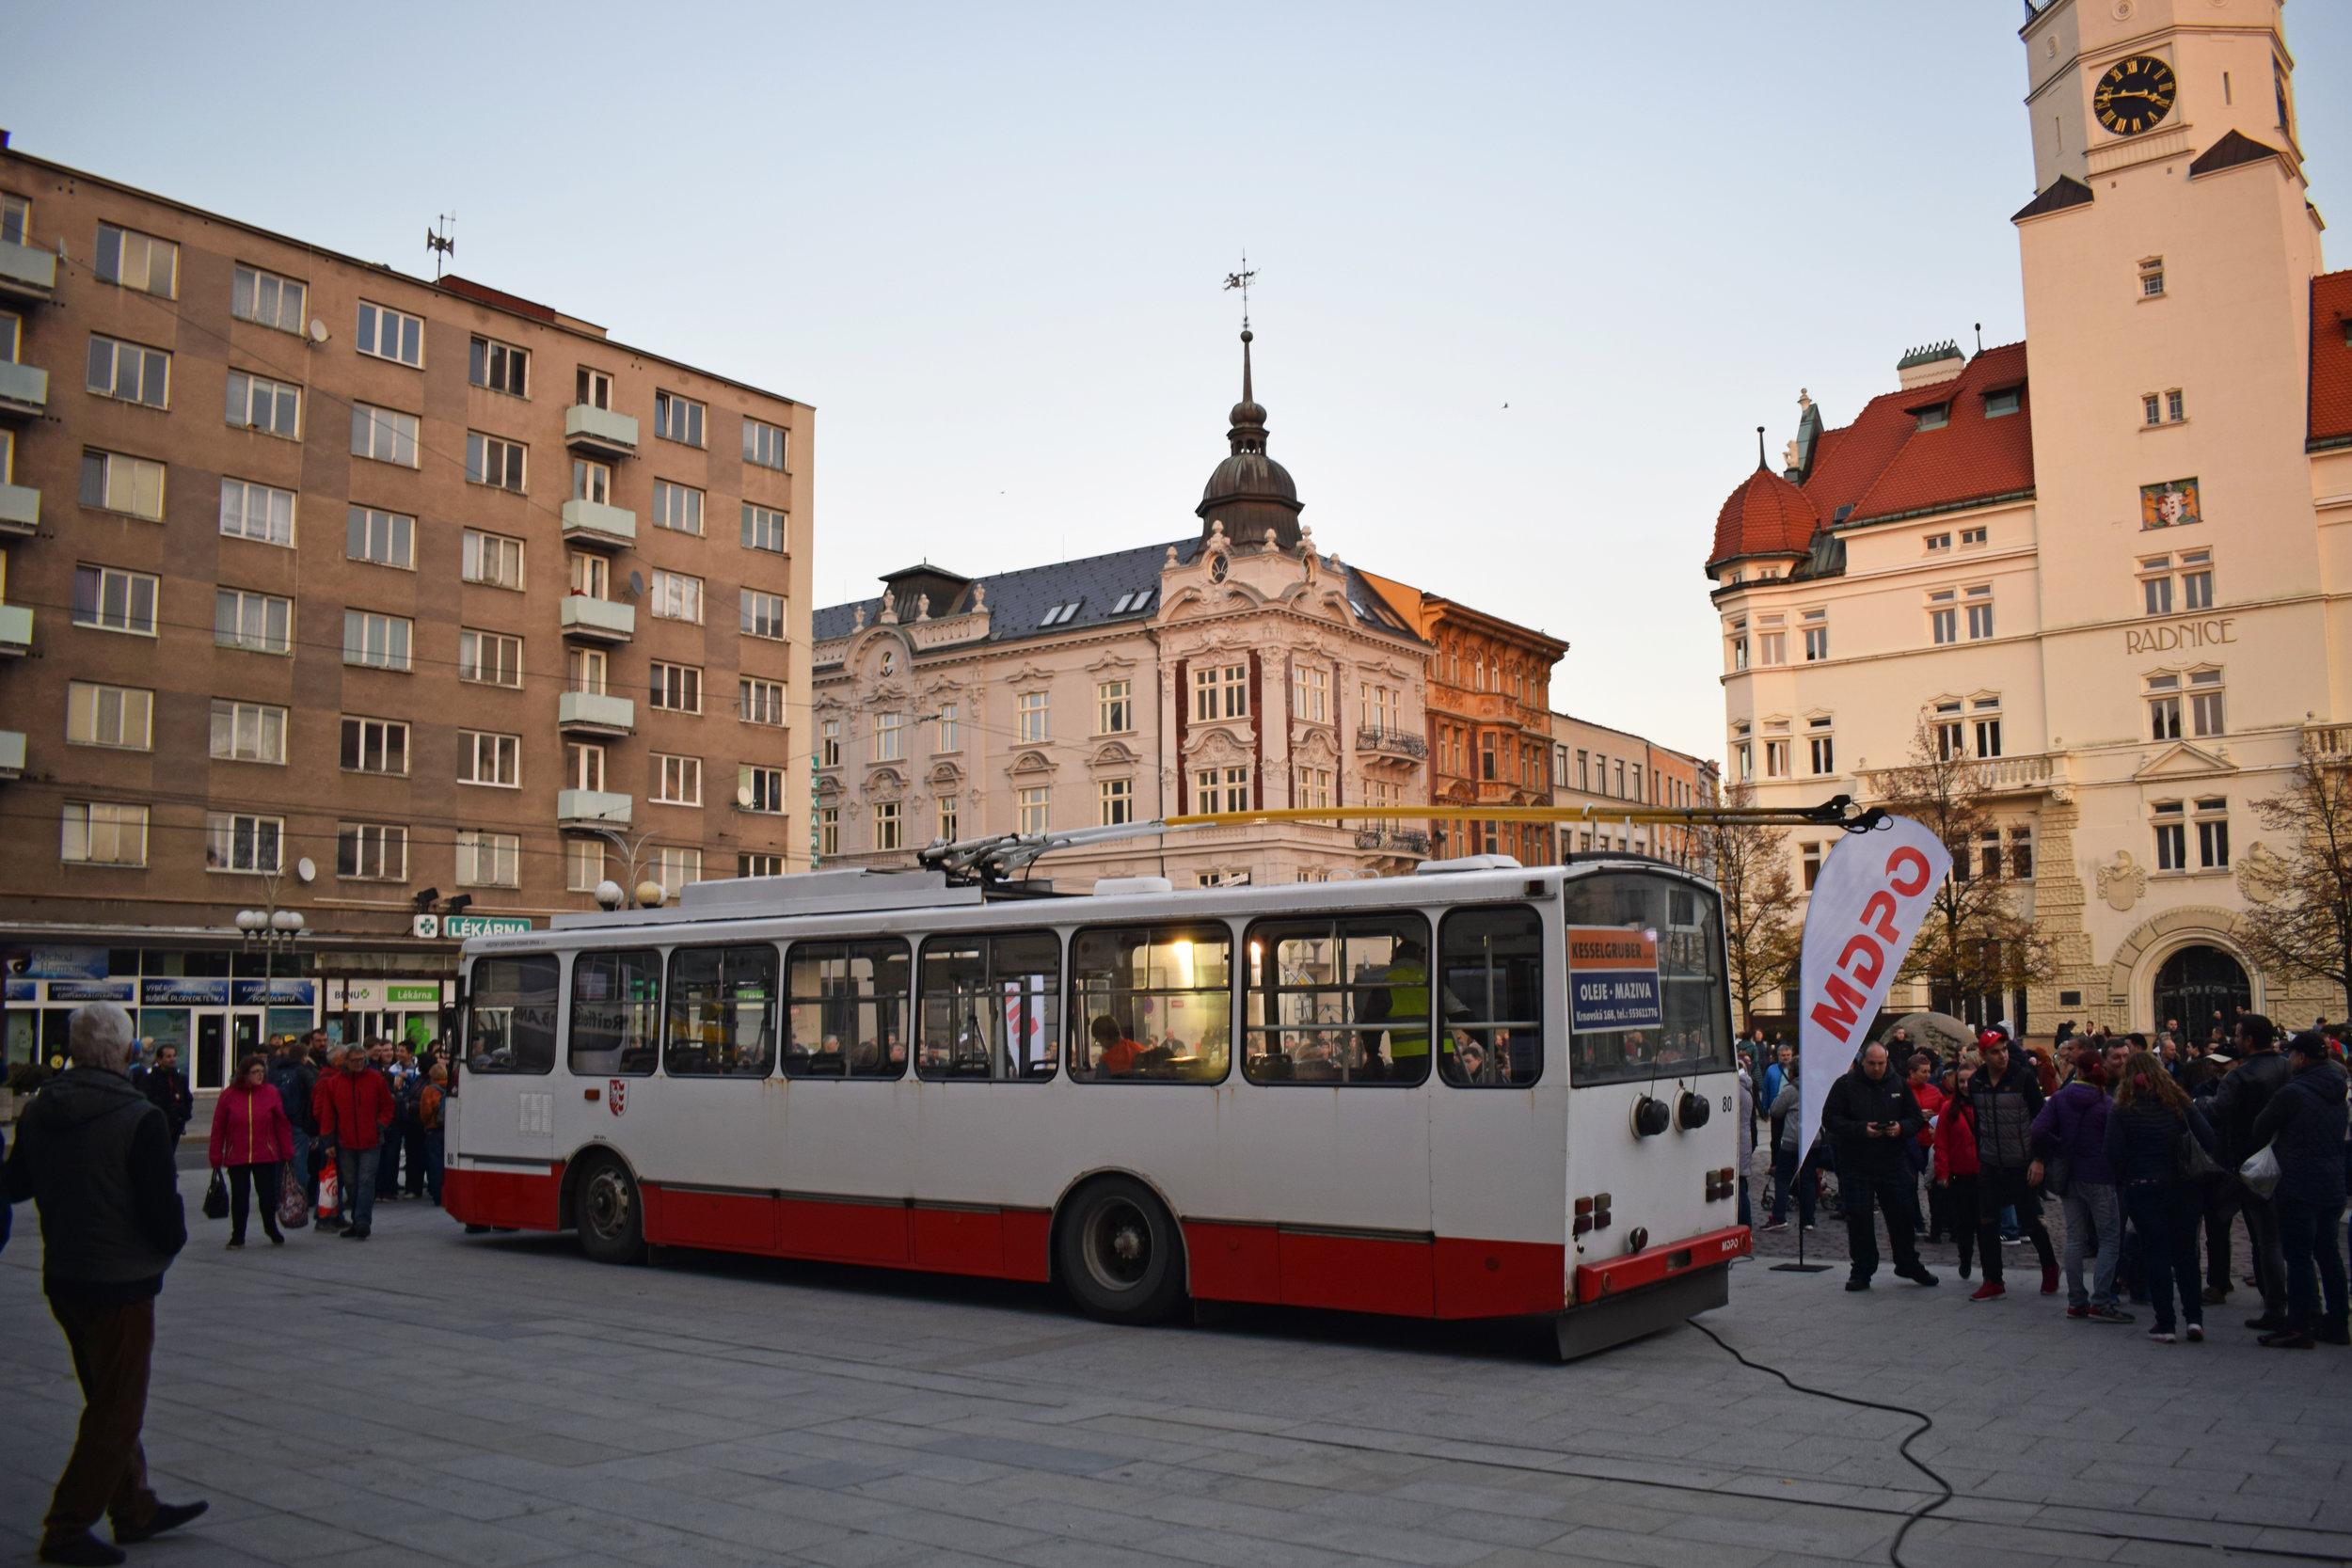 Přímo na ploše náměstí byl k vidění trolejbus Škoda 14 Tr ev. č. 80, který posloužil jako kulisa k pódiu. (foto: Petr Bystroň)